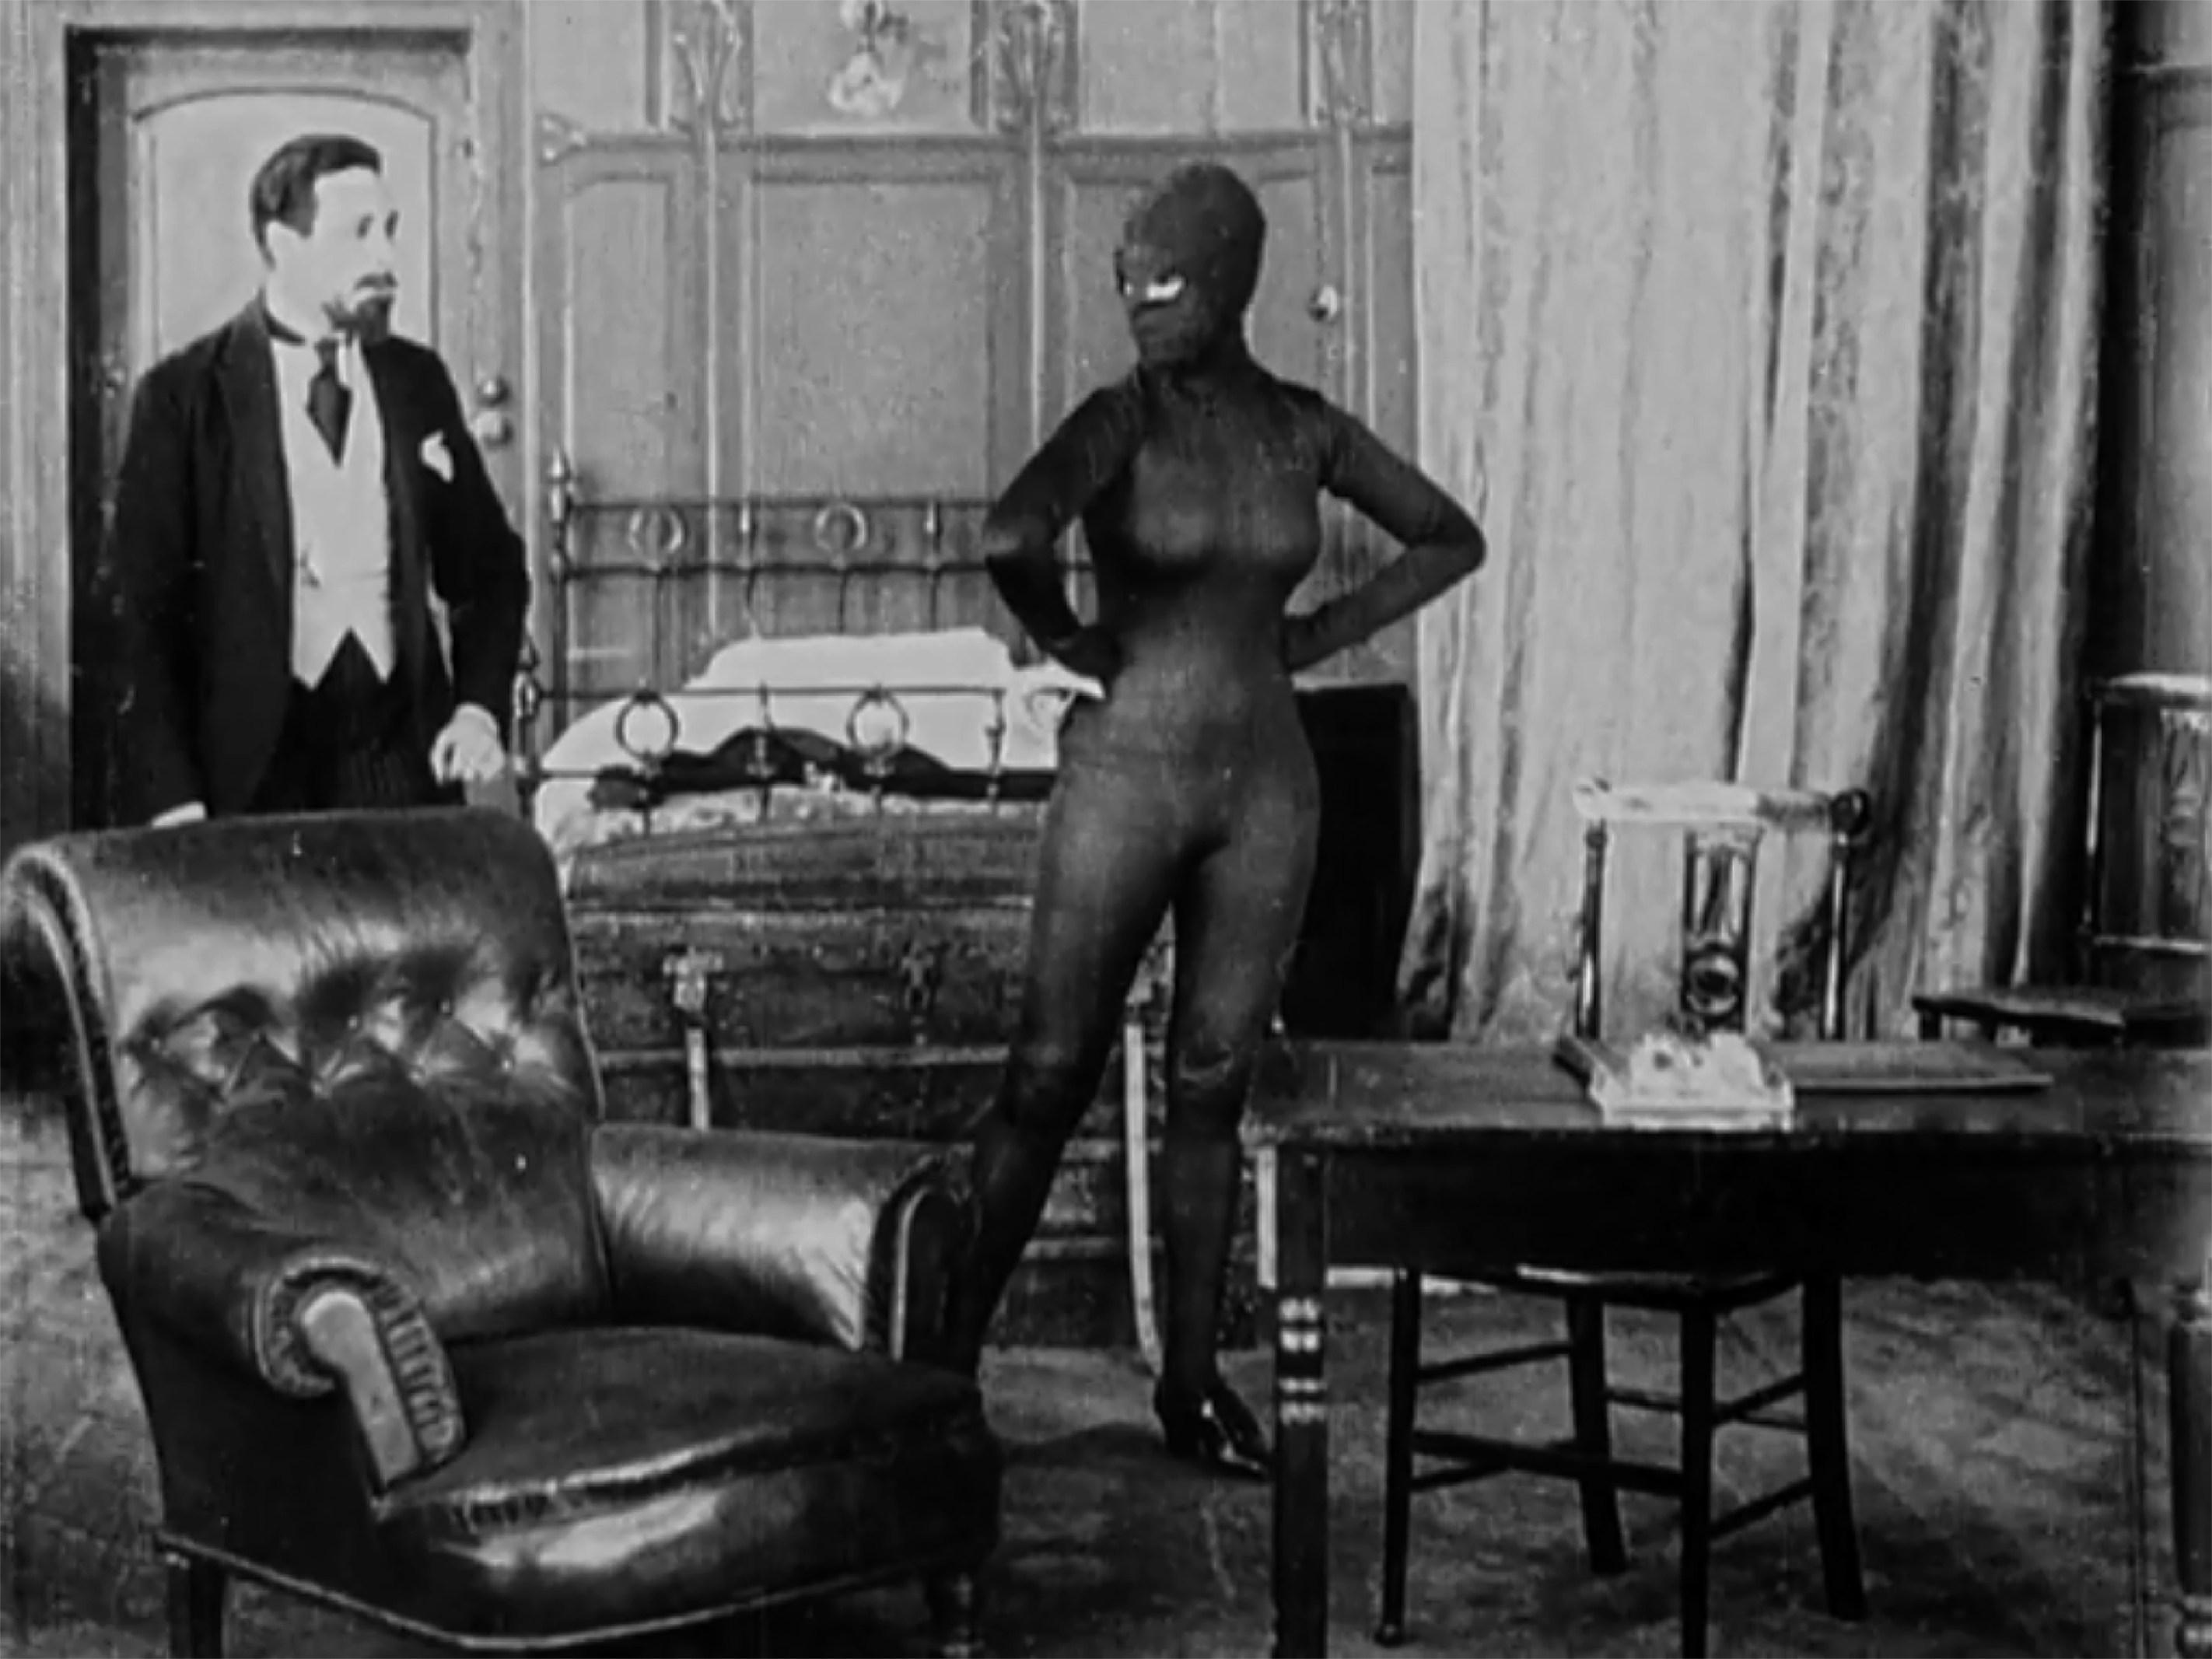 Musidora dans Les Vampires, de Louis Feuillade